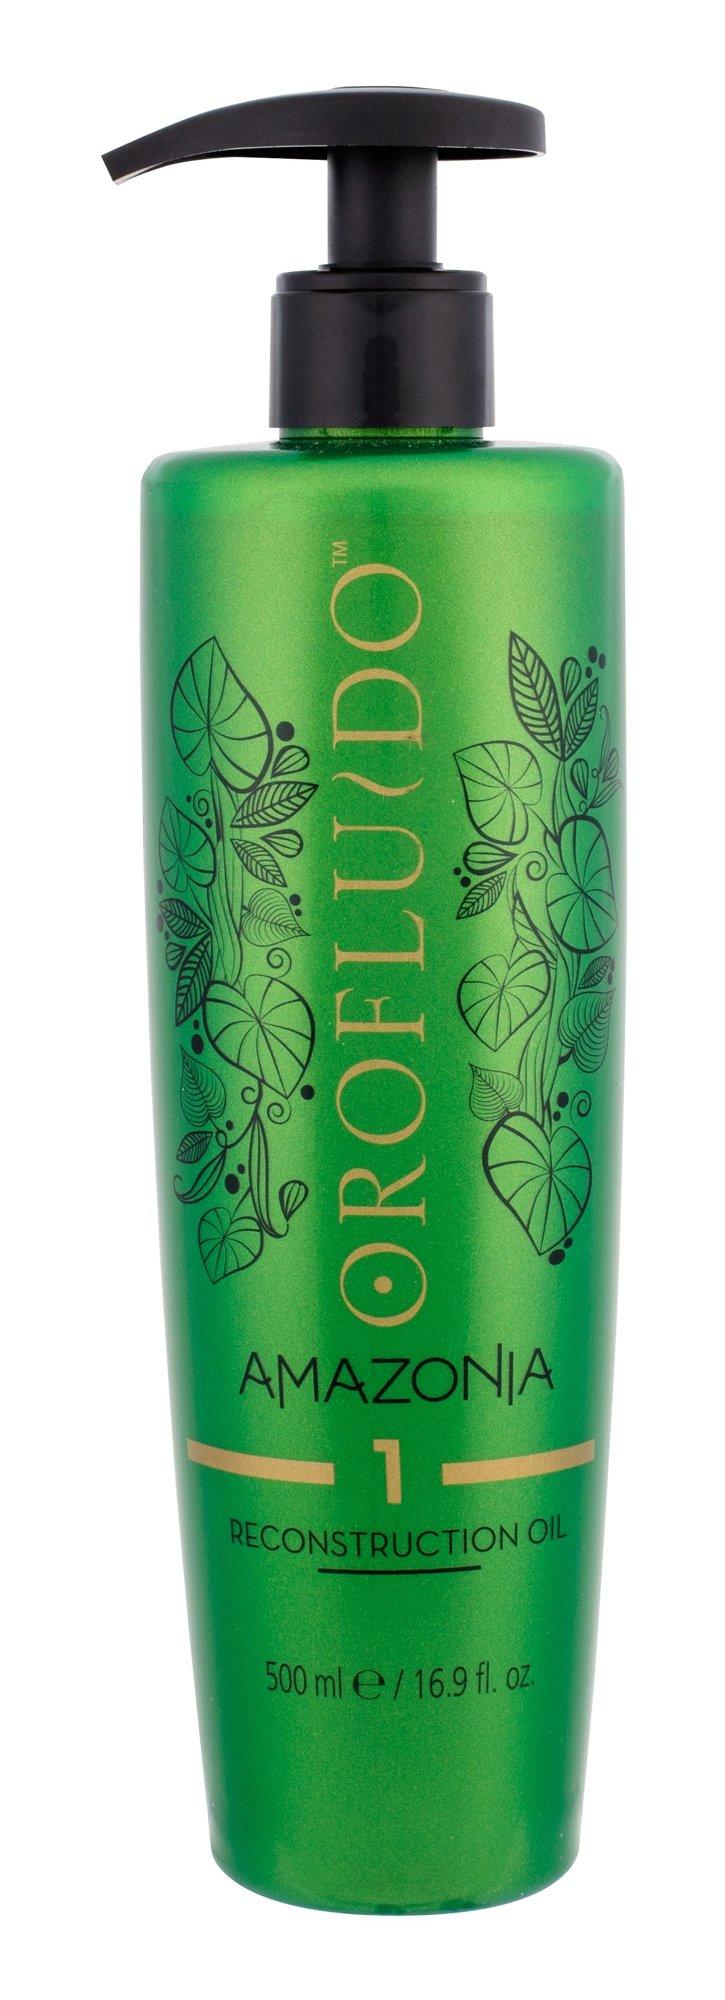 Orofluido Amazonia Hair Oils and Serum 500ml